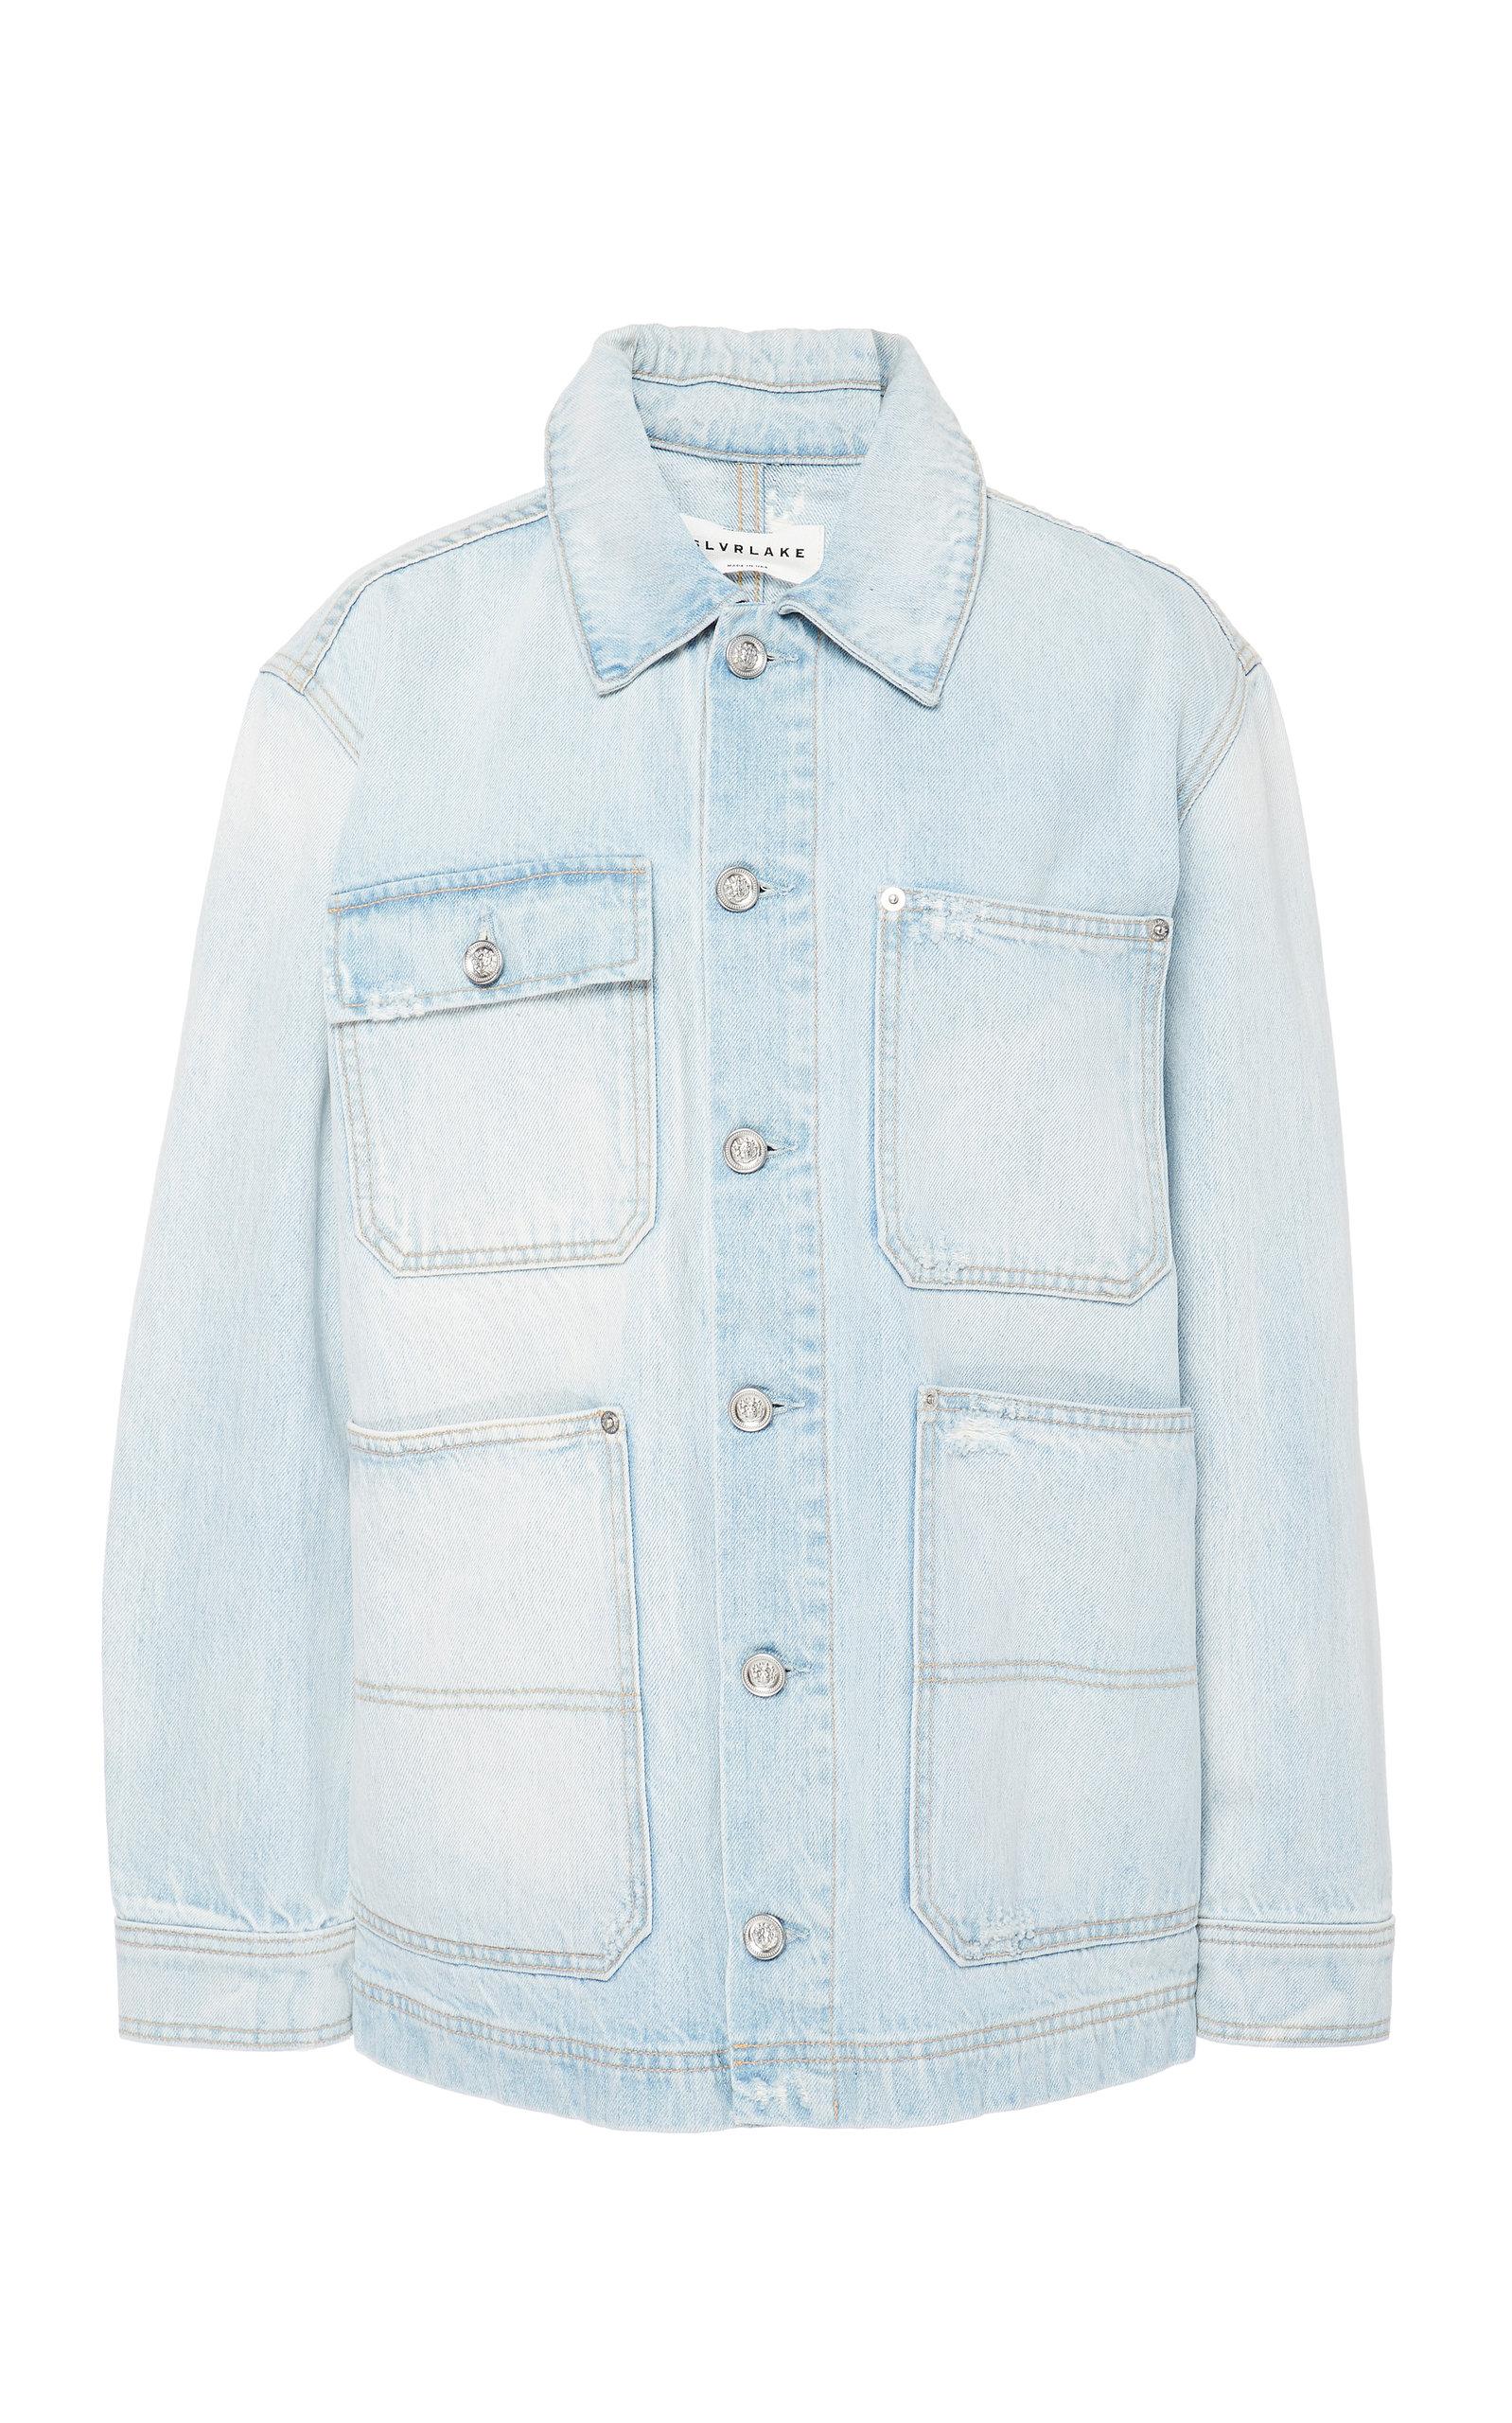 SLVRLAKE DENIM Worker Workwear Denim Jacket in Light Wash